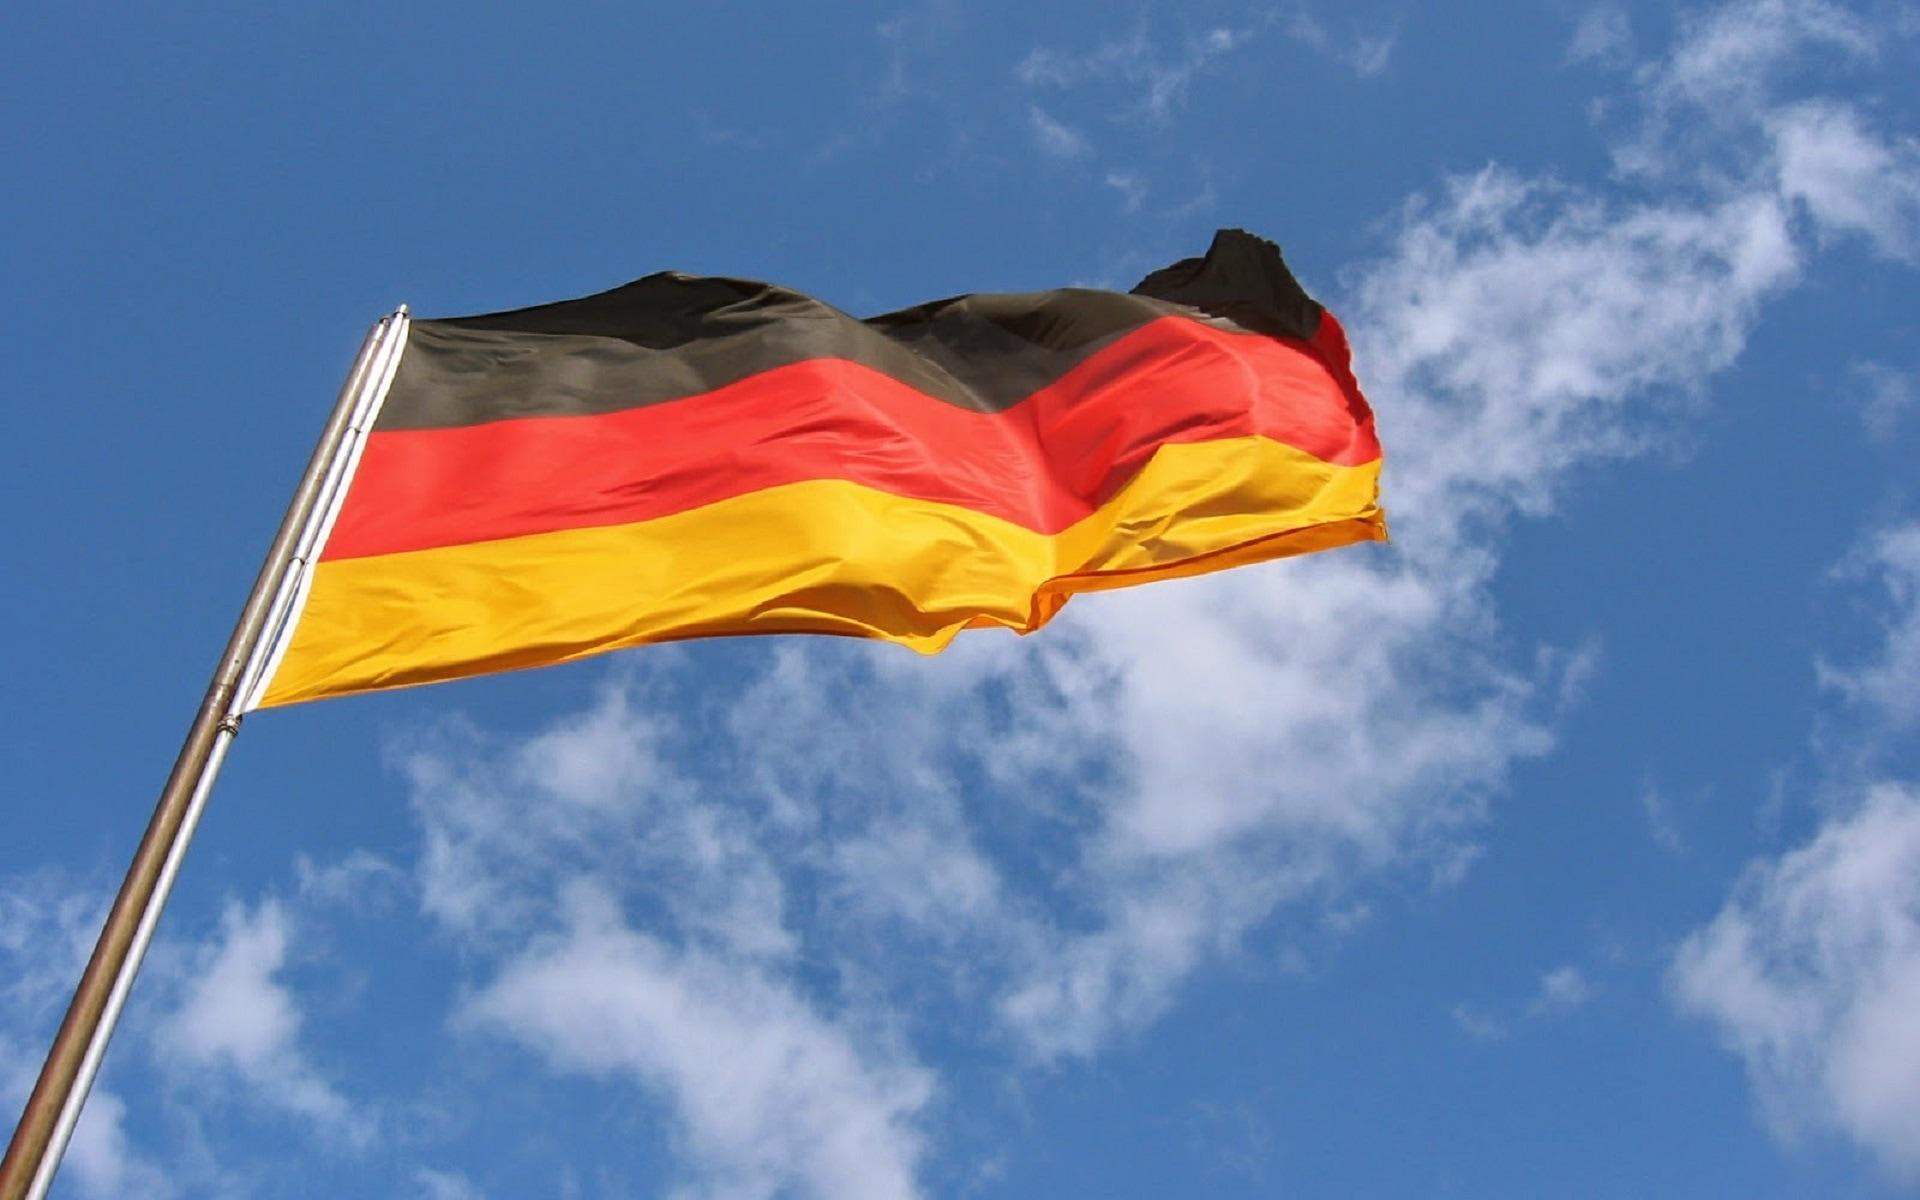 ألمانيا: البنك الاتحادي يُخفض توقعات النمو الاقتصادي في 2019